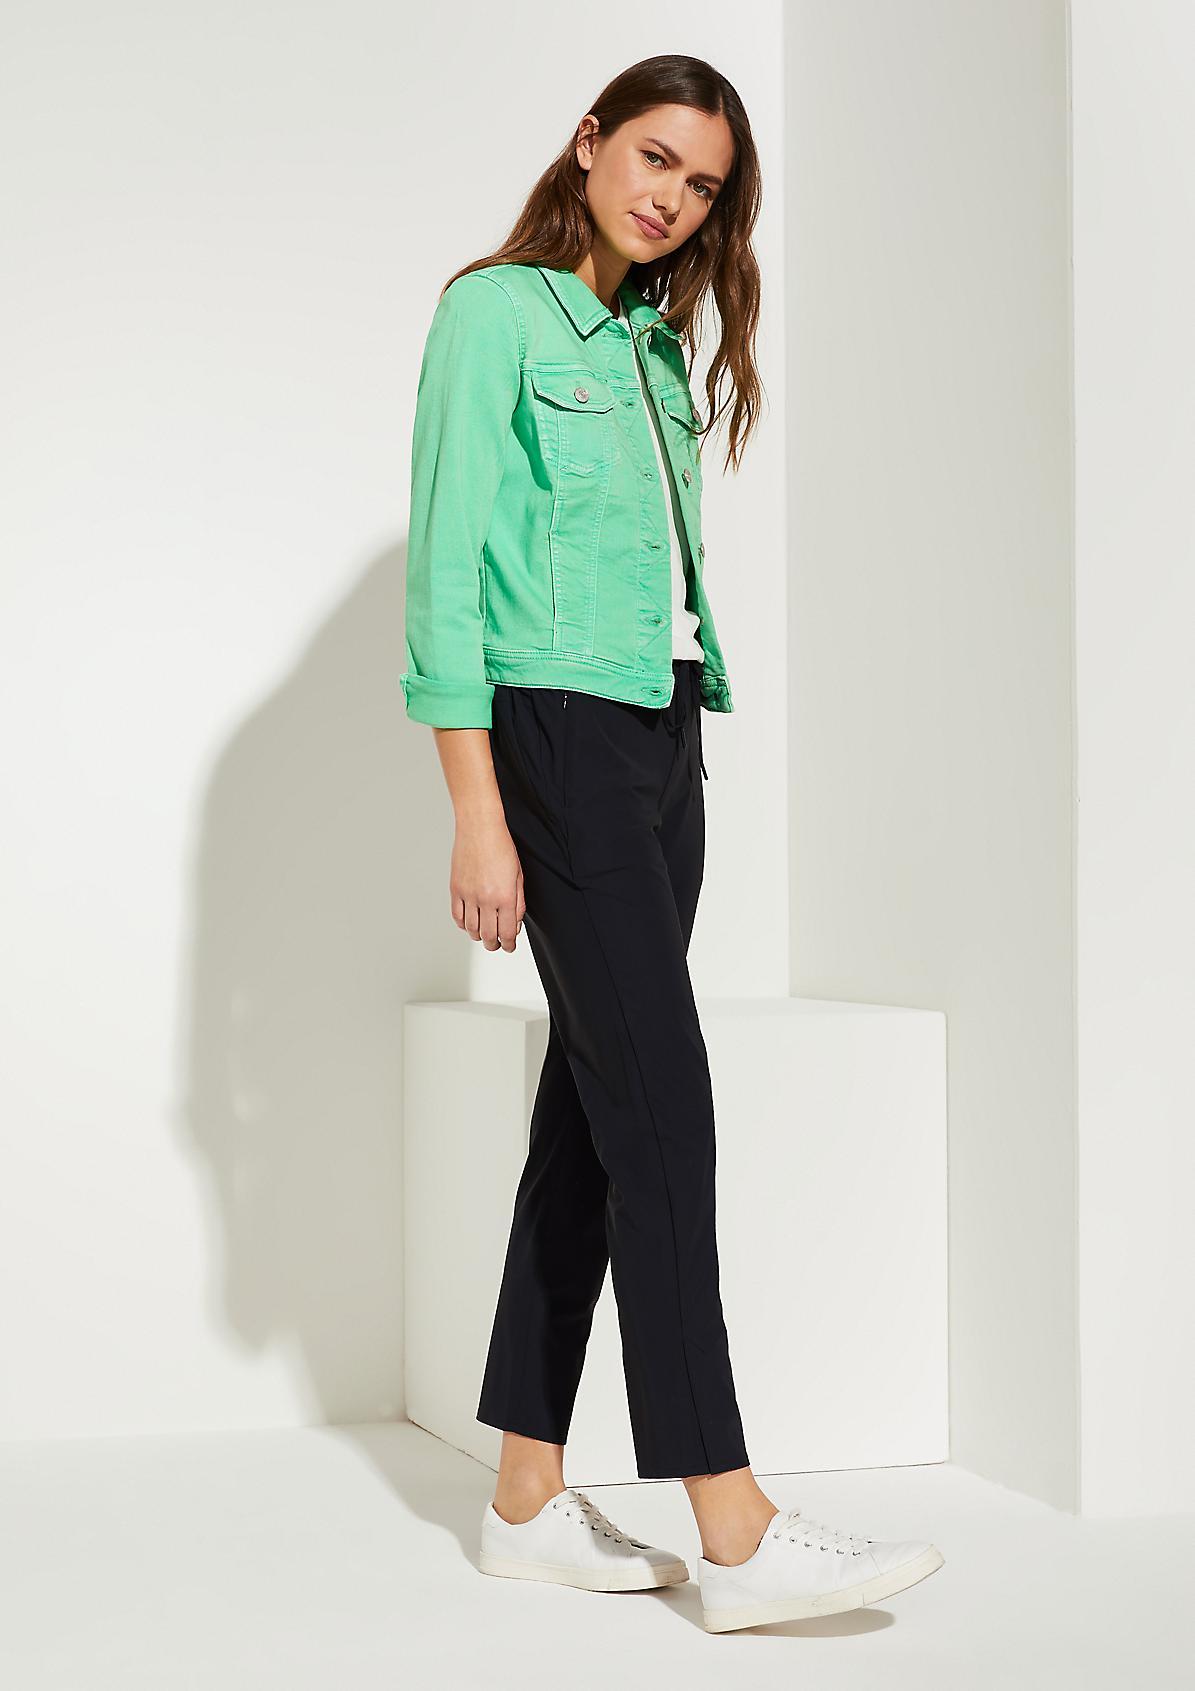 Jeansjacke mit Garment Dye-Effekt